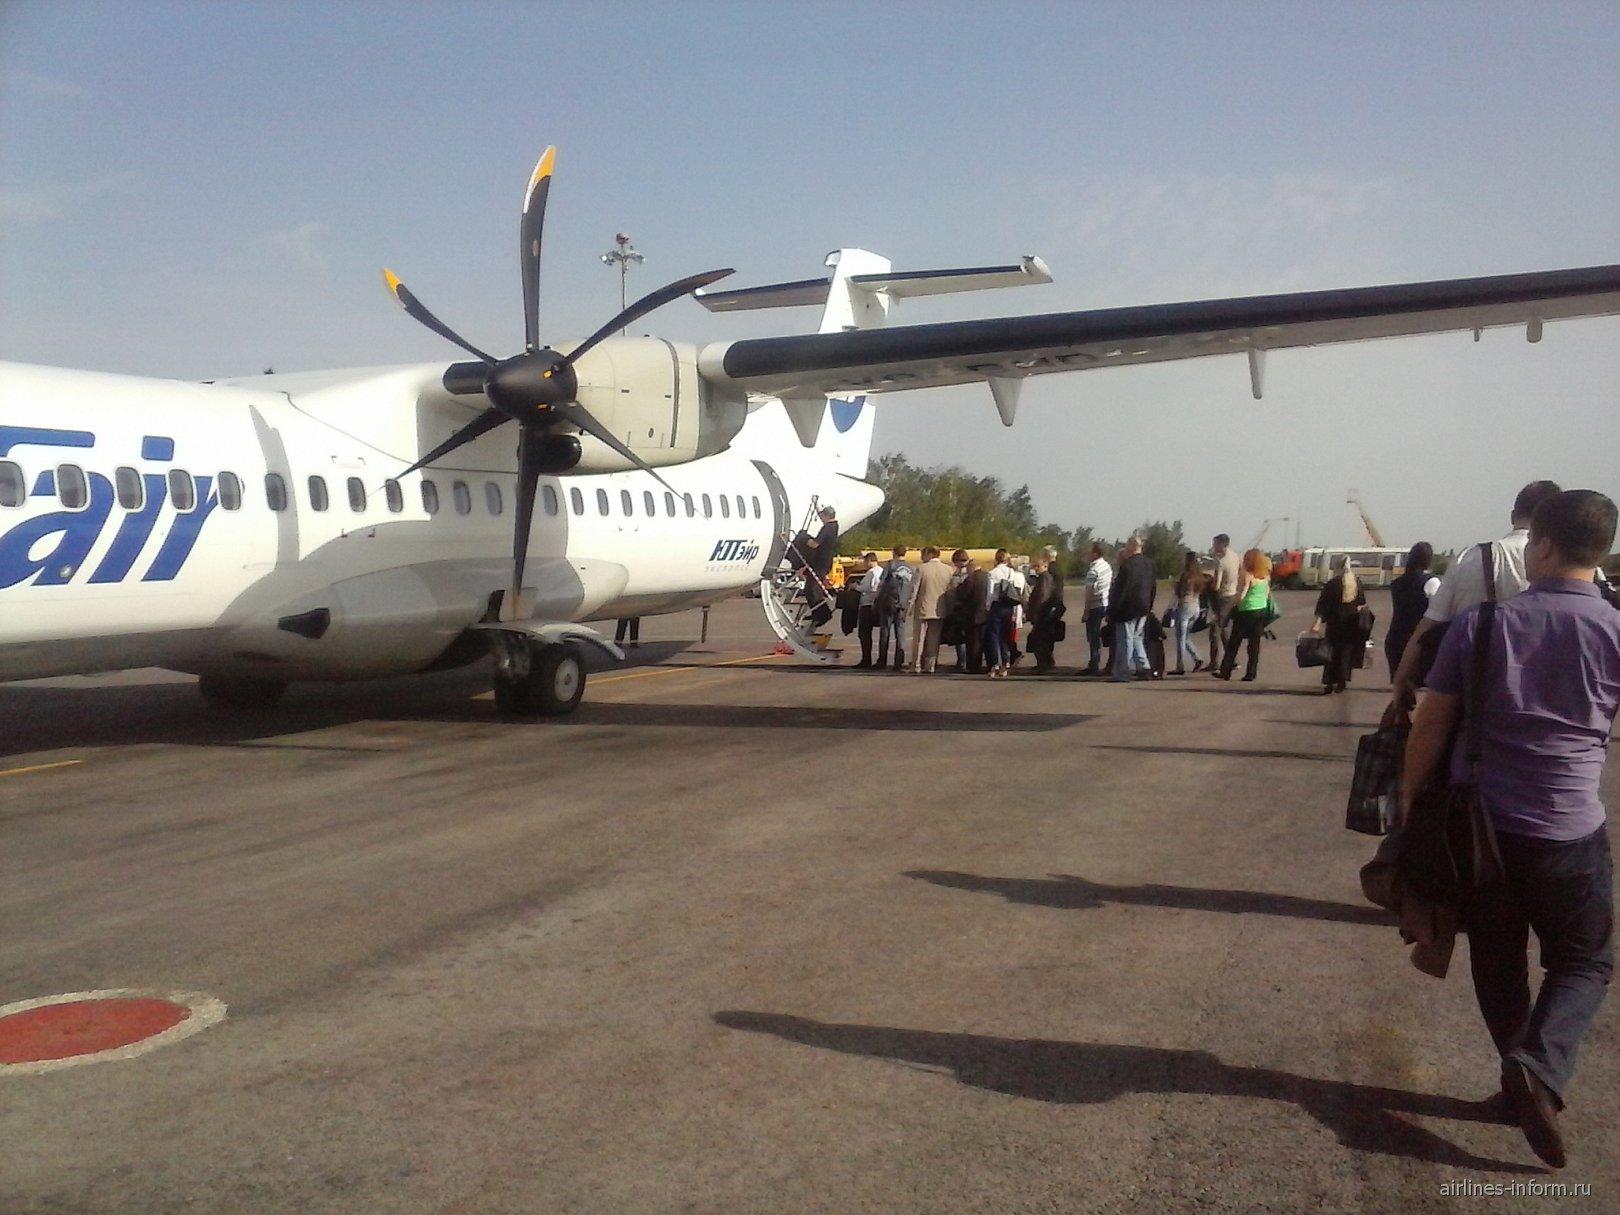 ATR-72-500